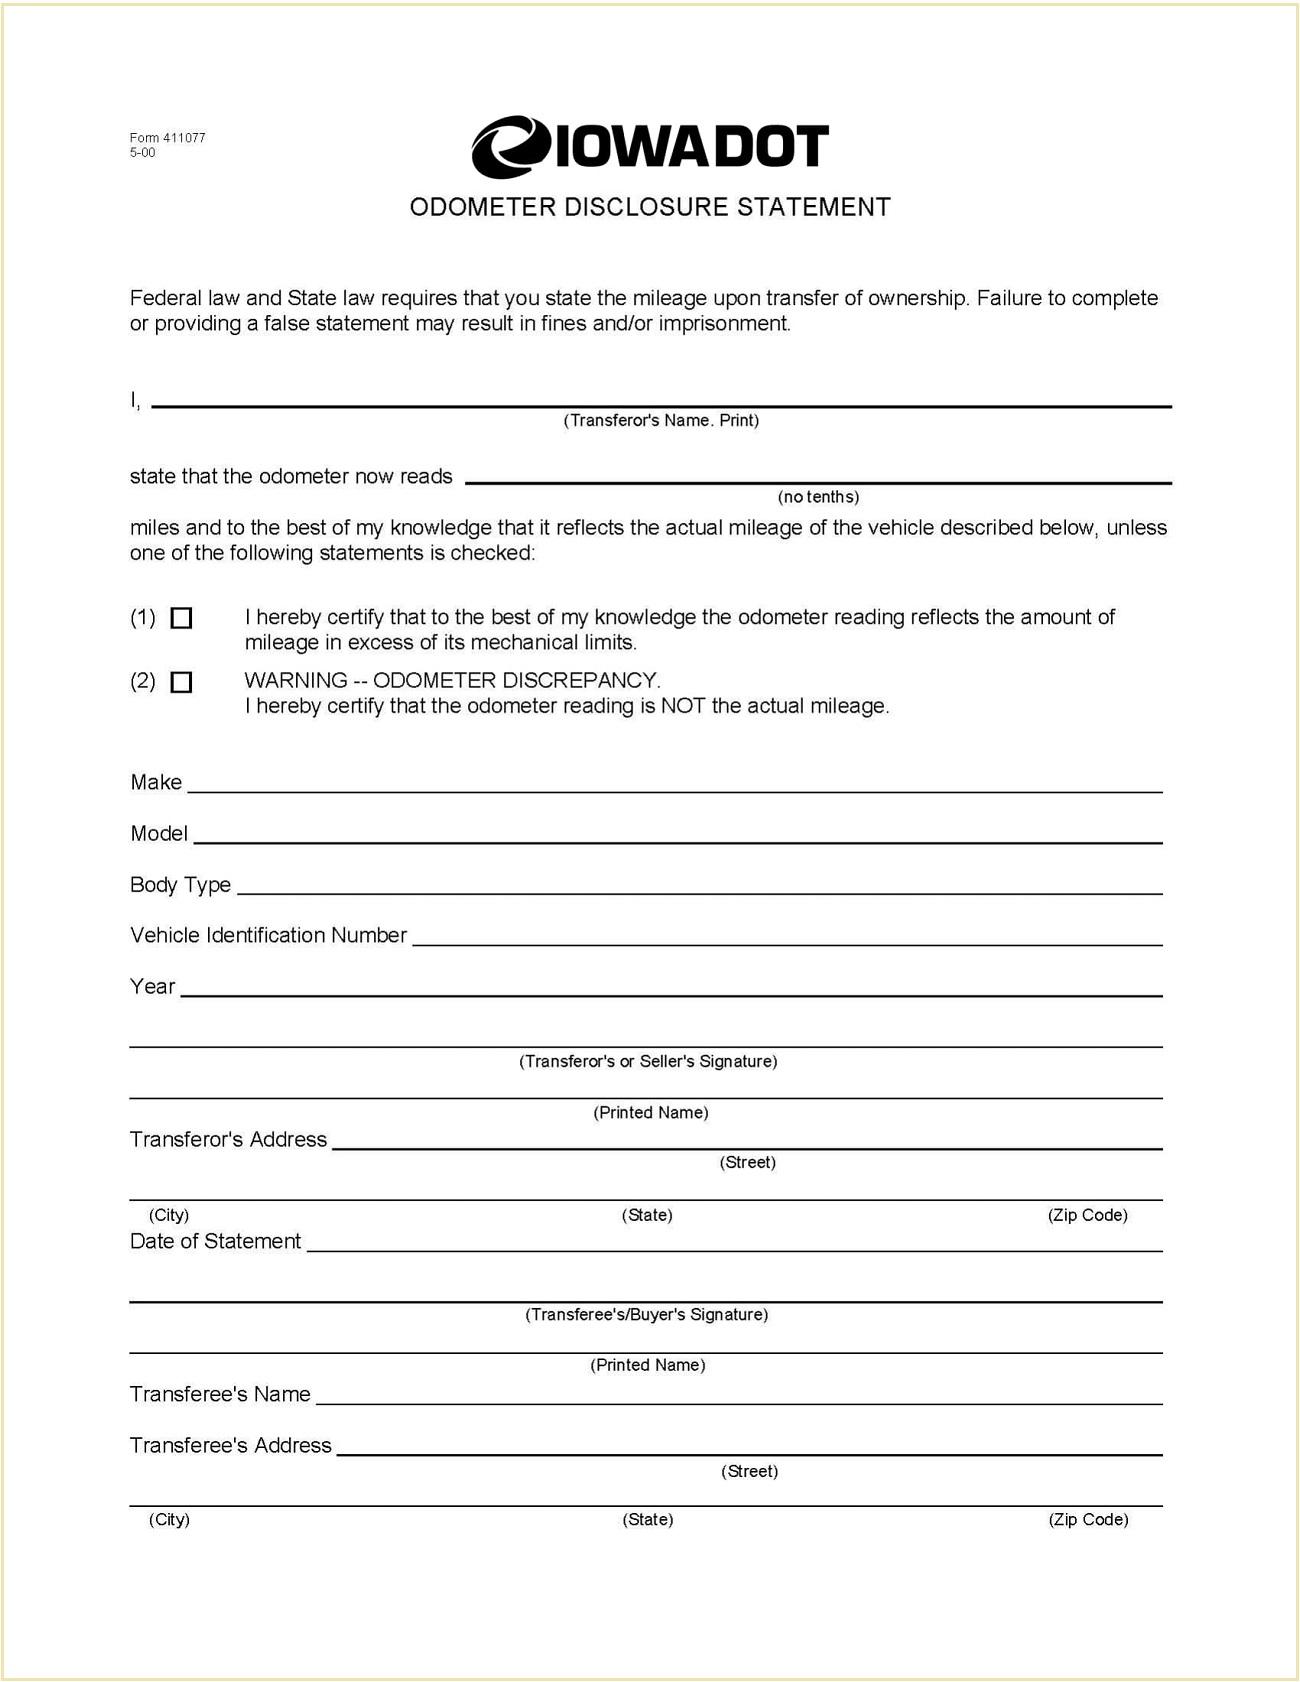 Iowa Form 411077 Odometer Disclosure Statement PDF